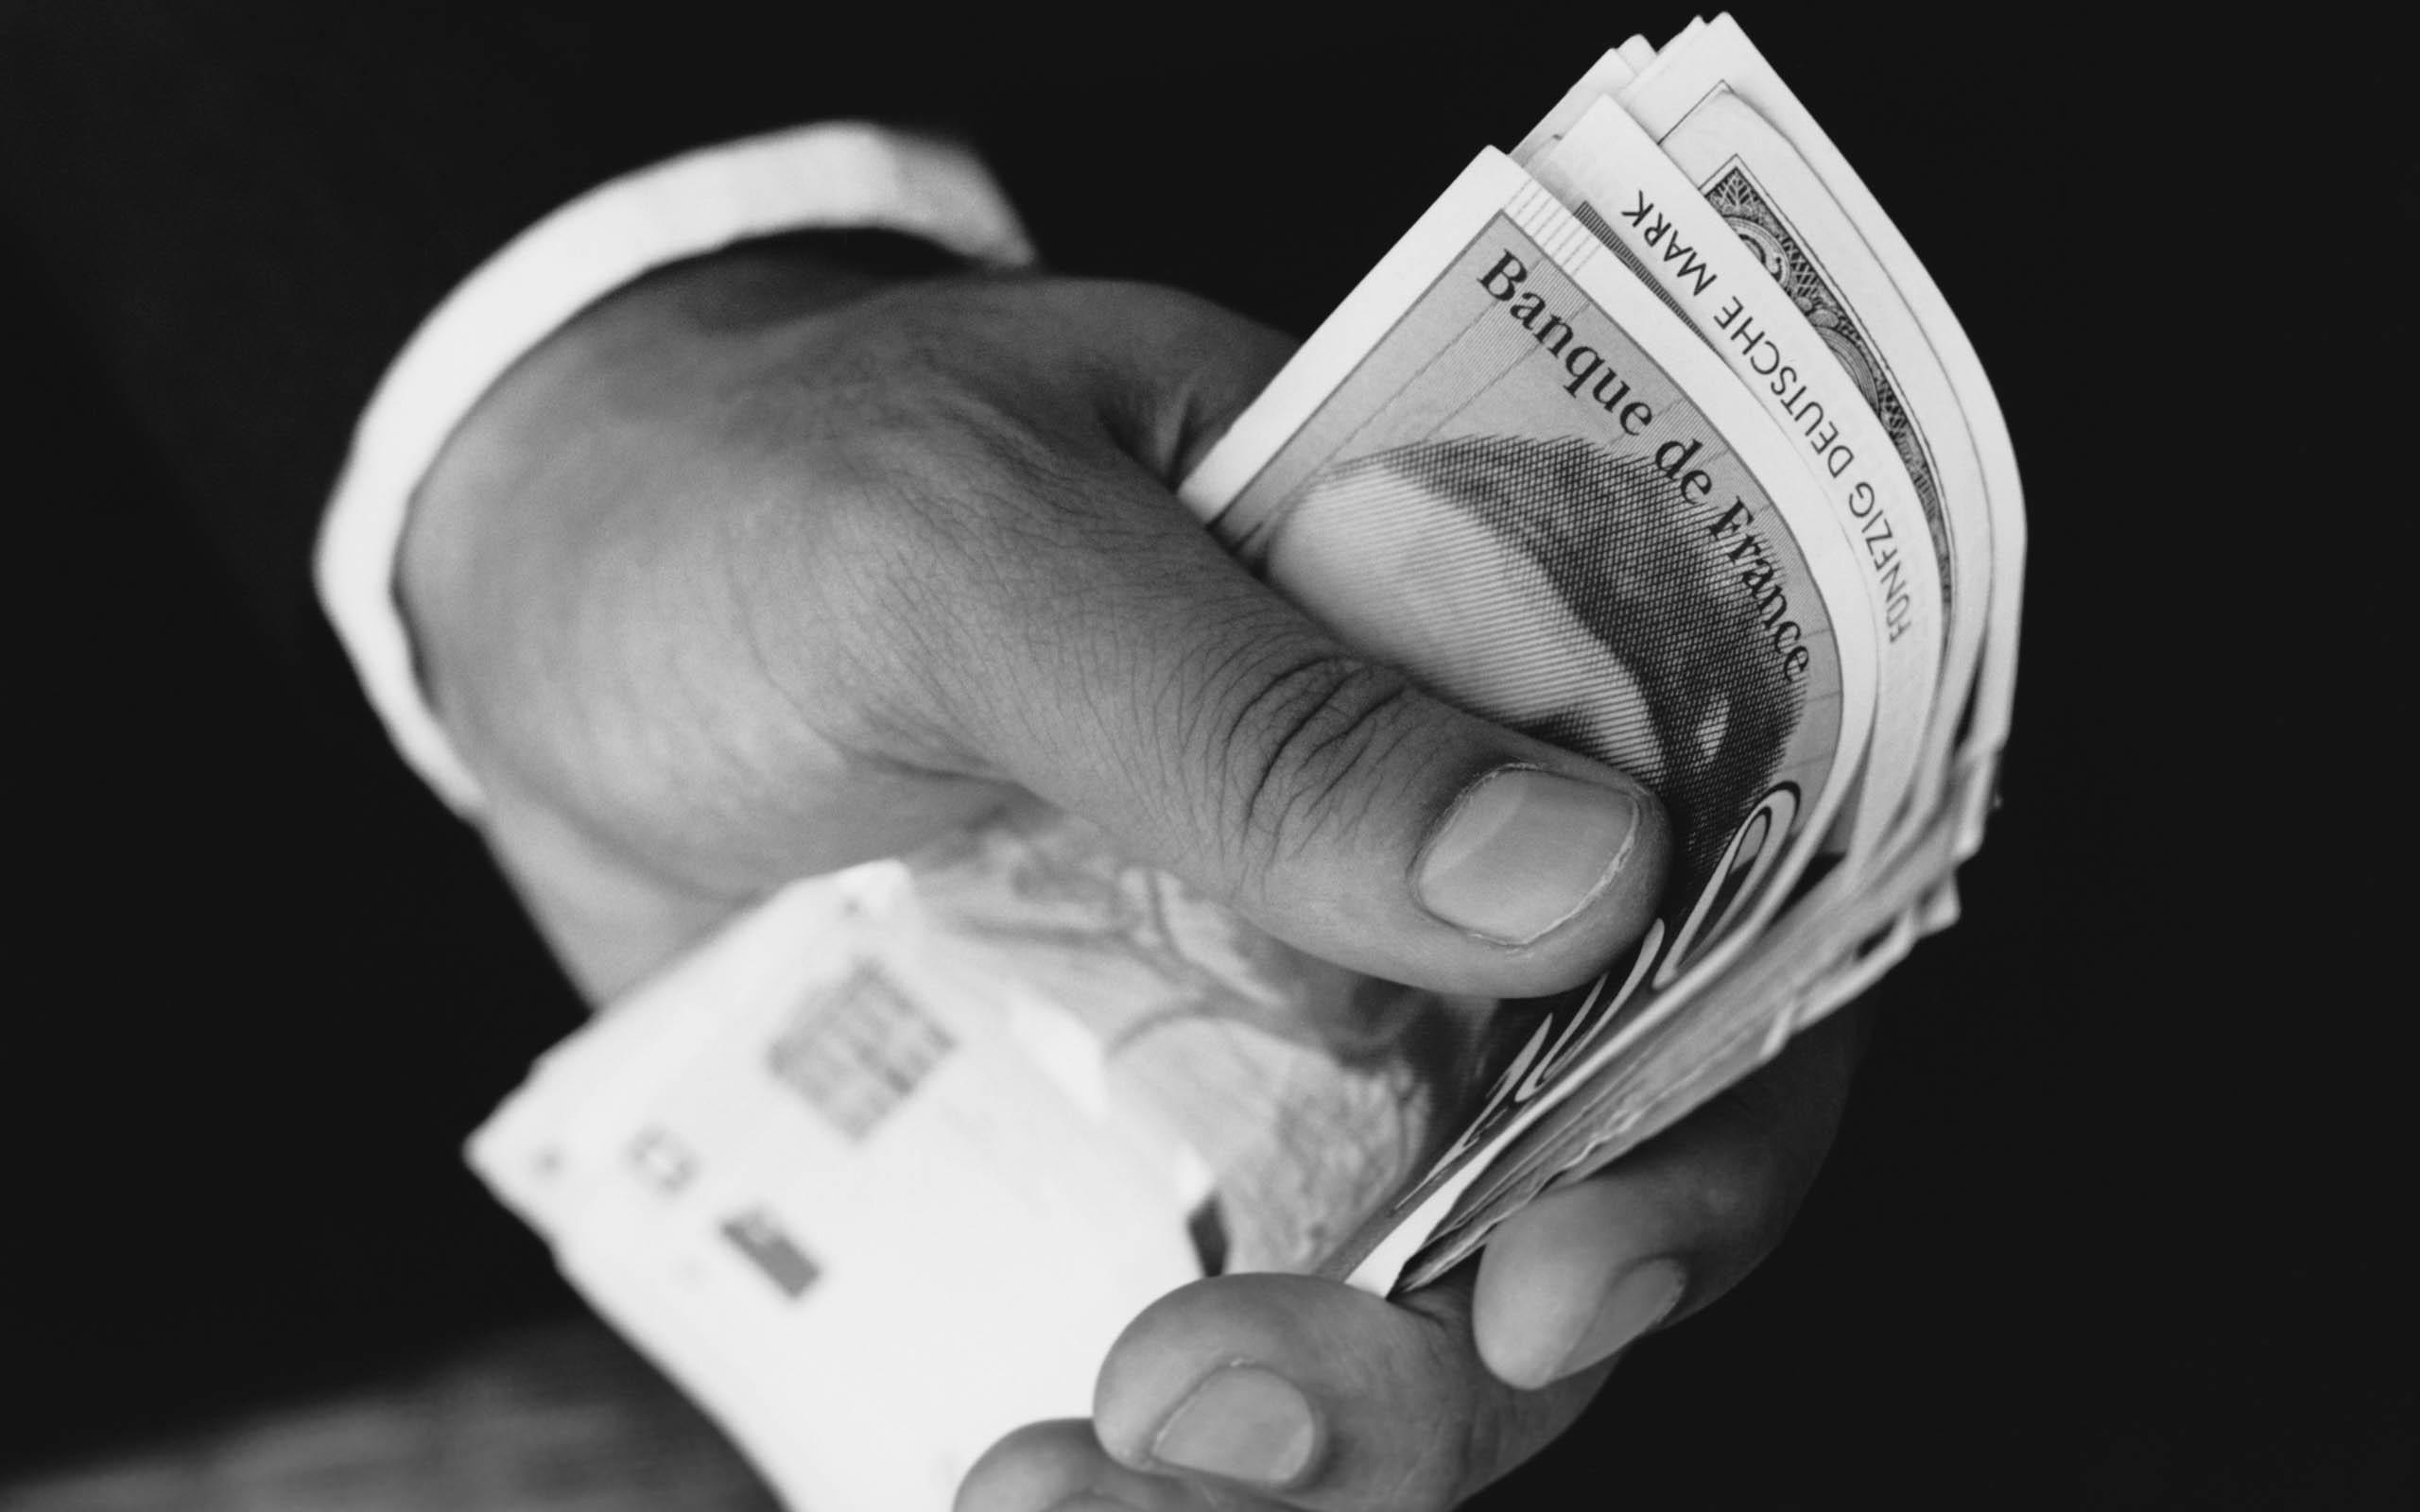 Картинка деньги в руке - Картинки Деньги - Бесплатные ...: http://pictar.ru/img-dengi-v-ruke-27985.htm